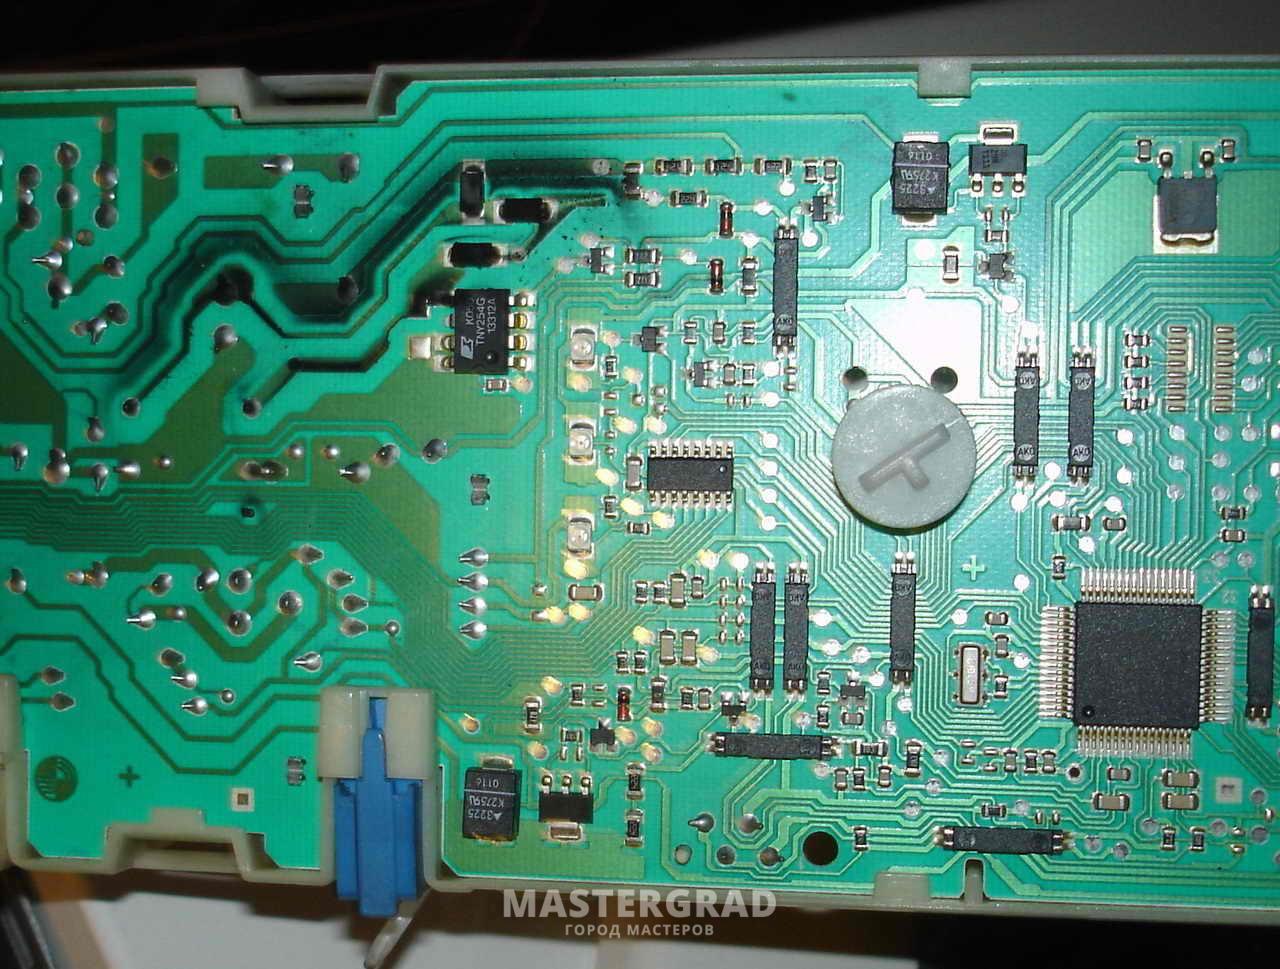 Ремонт стиральных машин Bosch (Бош) - СЦ «Азбука